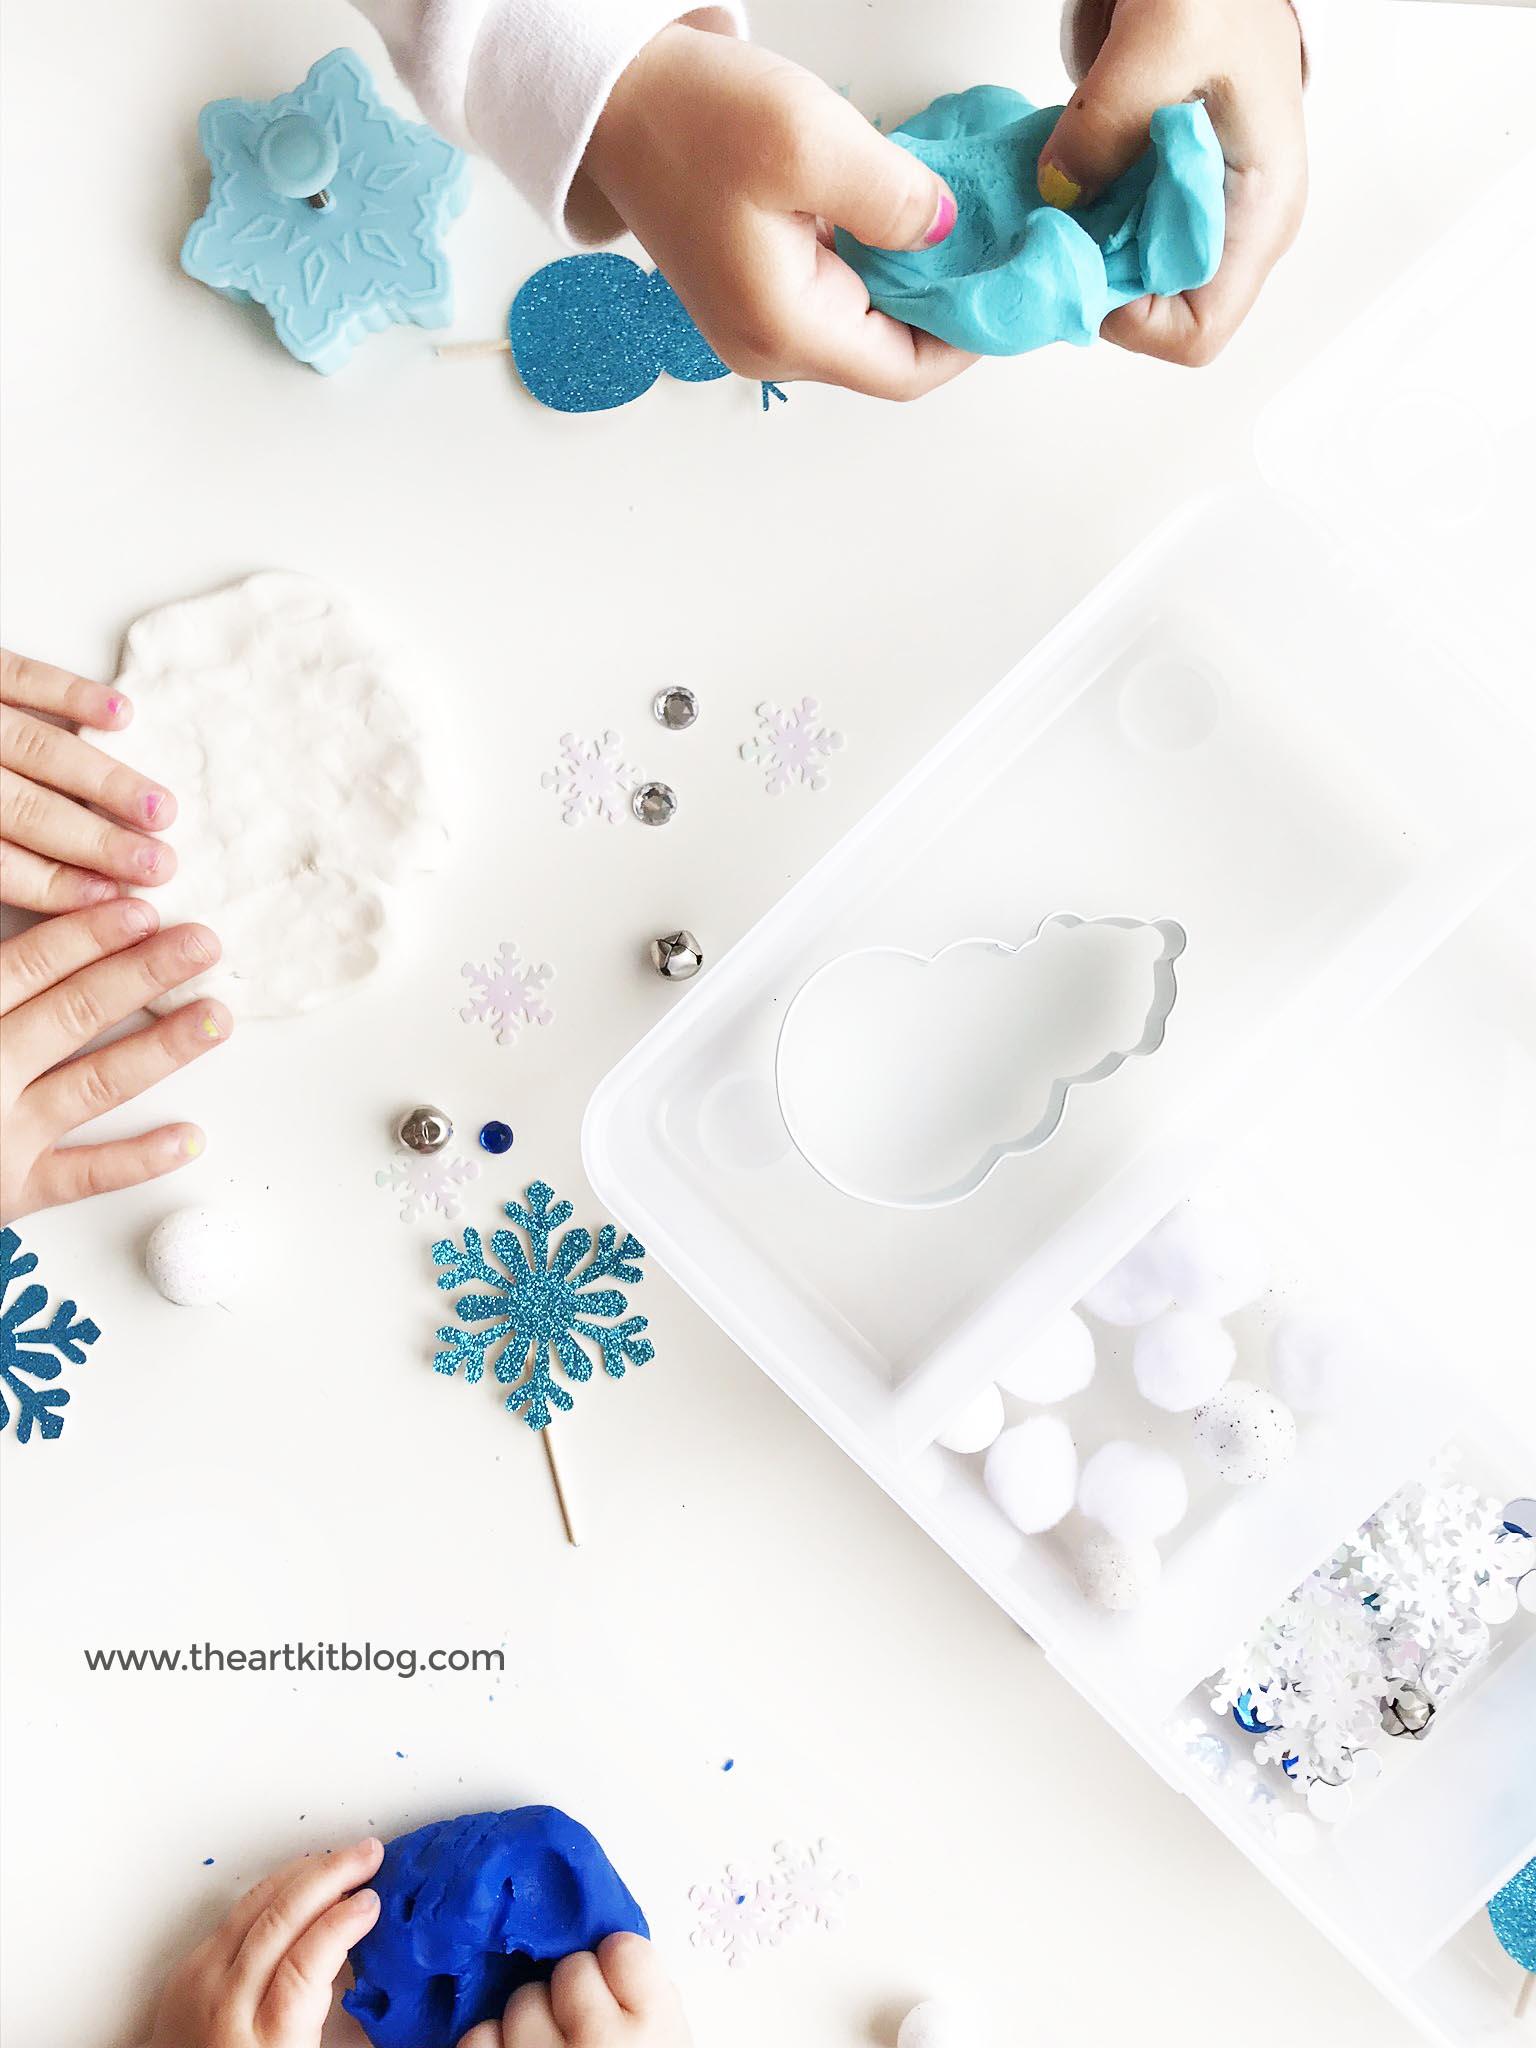 winter-playdough-kit-play-dough-kit-the-art-kit-2 - The Art Kit